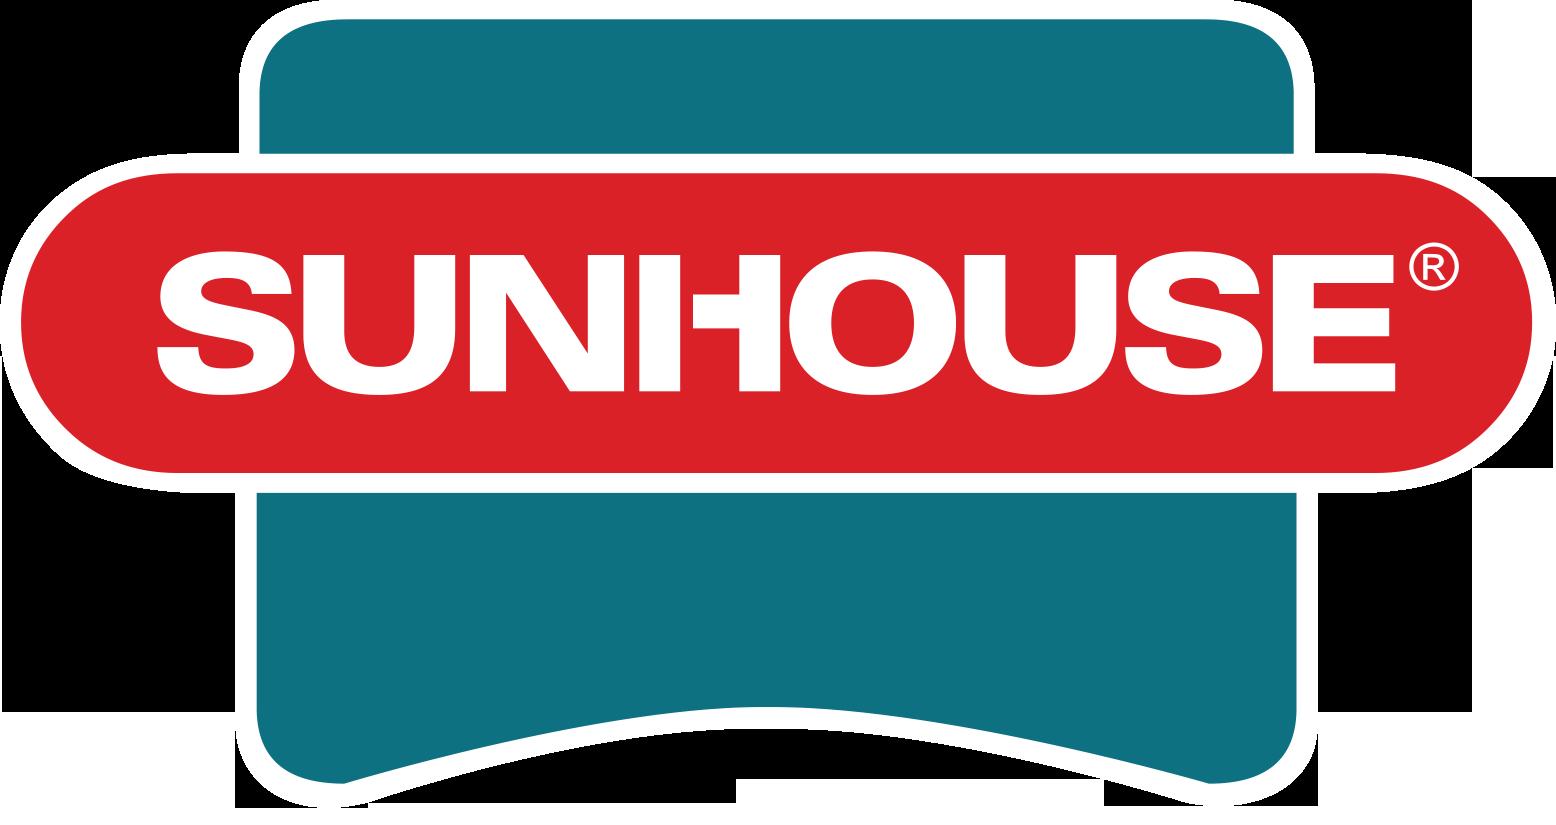 Tập đoàn Sunhouse chuyên sản xuất đồ gia dụng lớn nhất tại Việt Nam